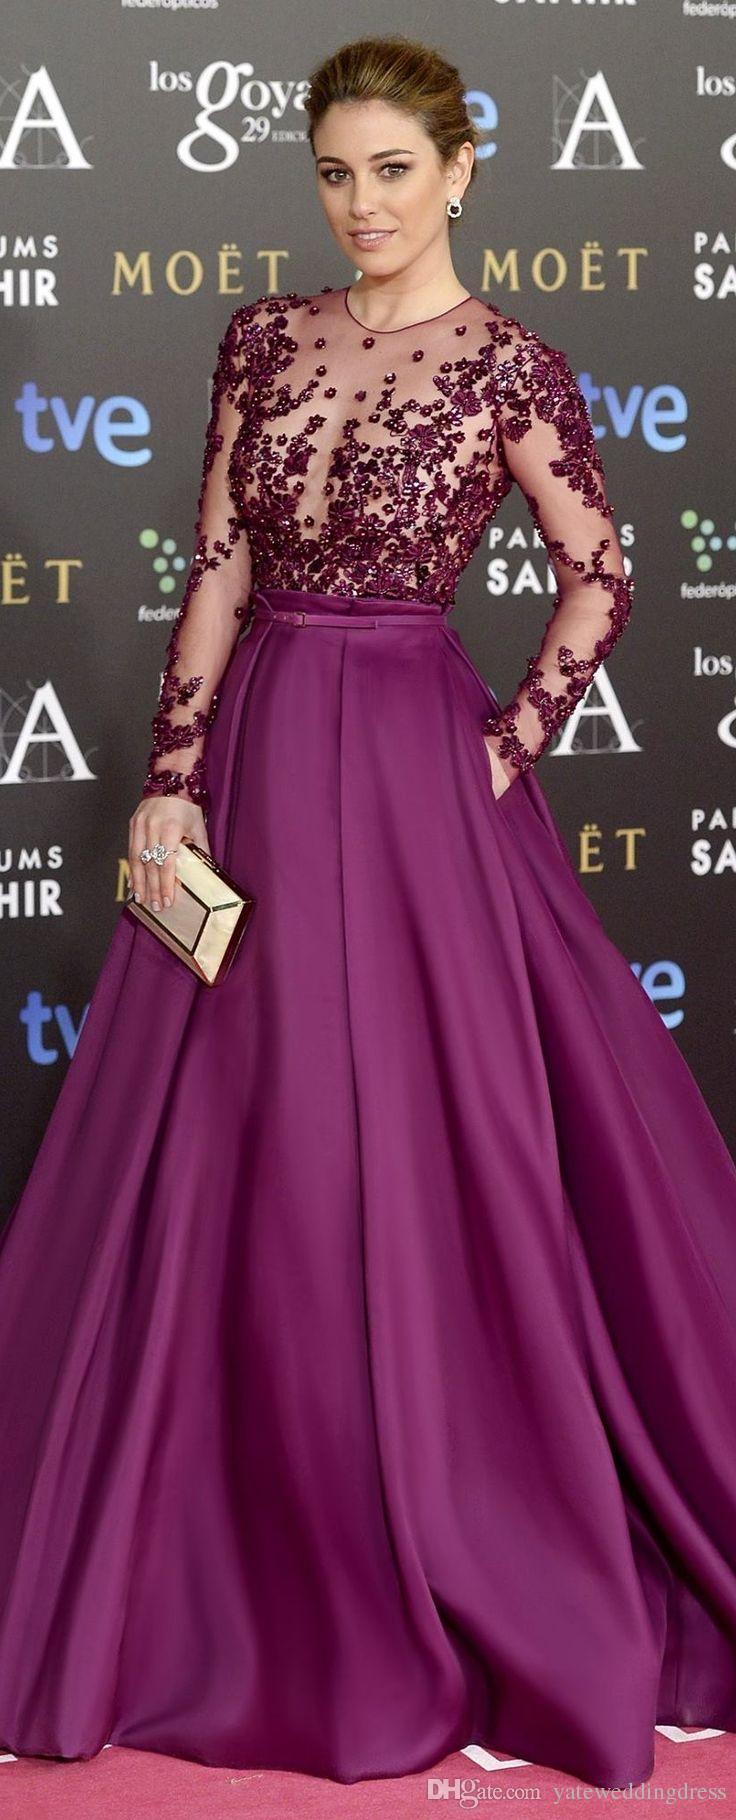 2015 robes de soirée zuhair murad bordeaux manches longues pure transparence une ligne ceinture en taffetas ceinture faite sur commande robes de soirée robe de célébrité personnaliser